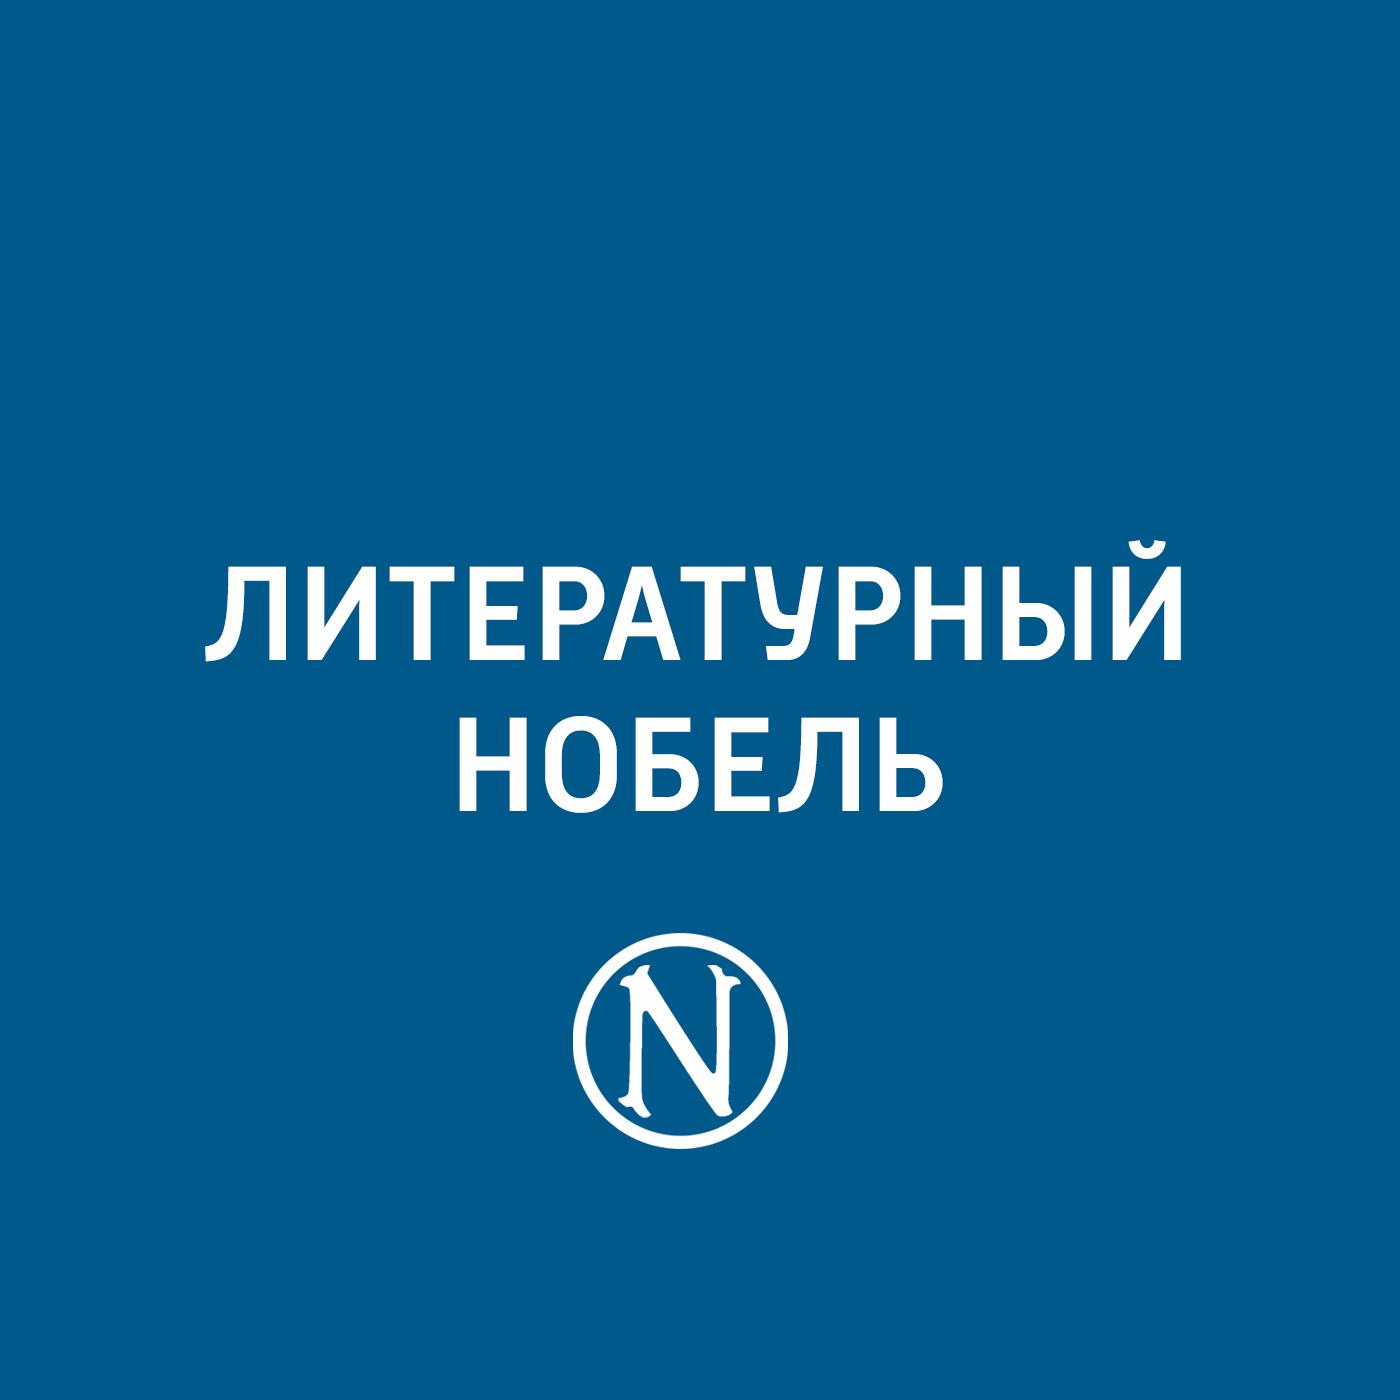 Евгений Стаховский Владислав Реймонт владислав мирзоян дыра роман